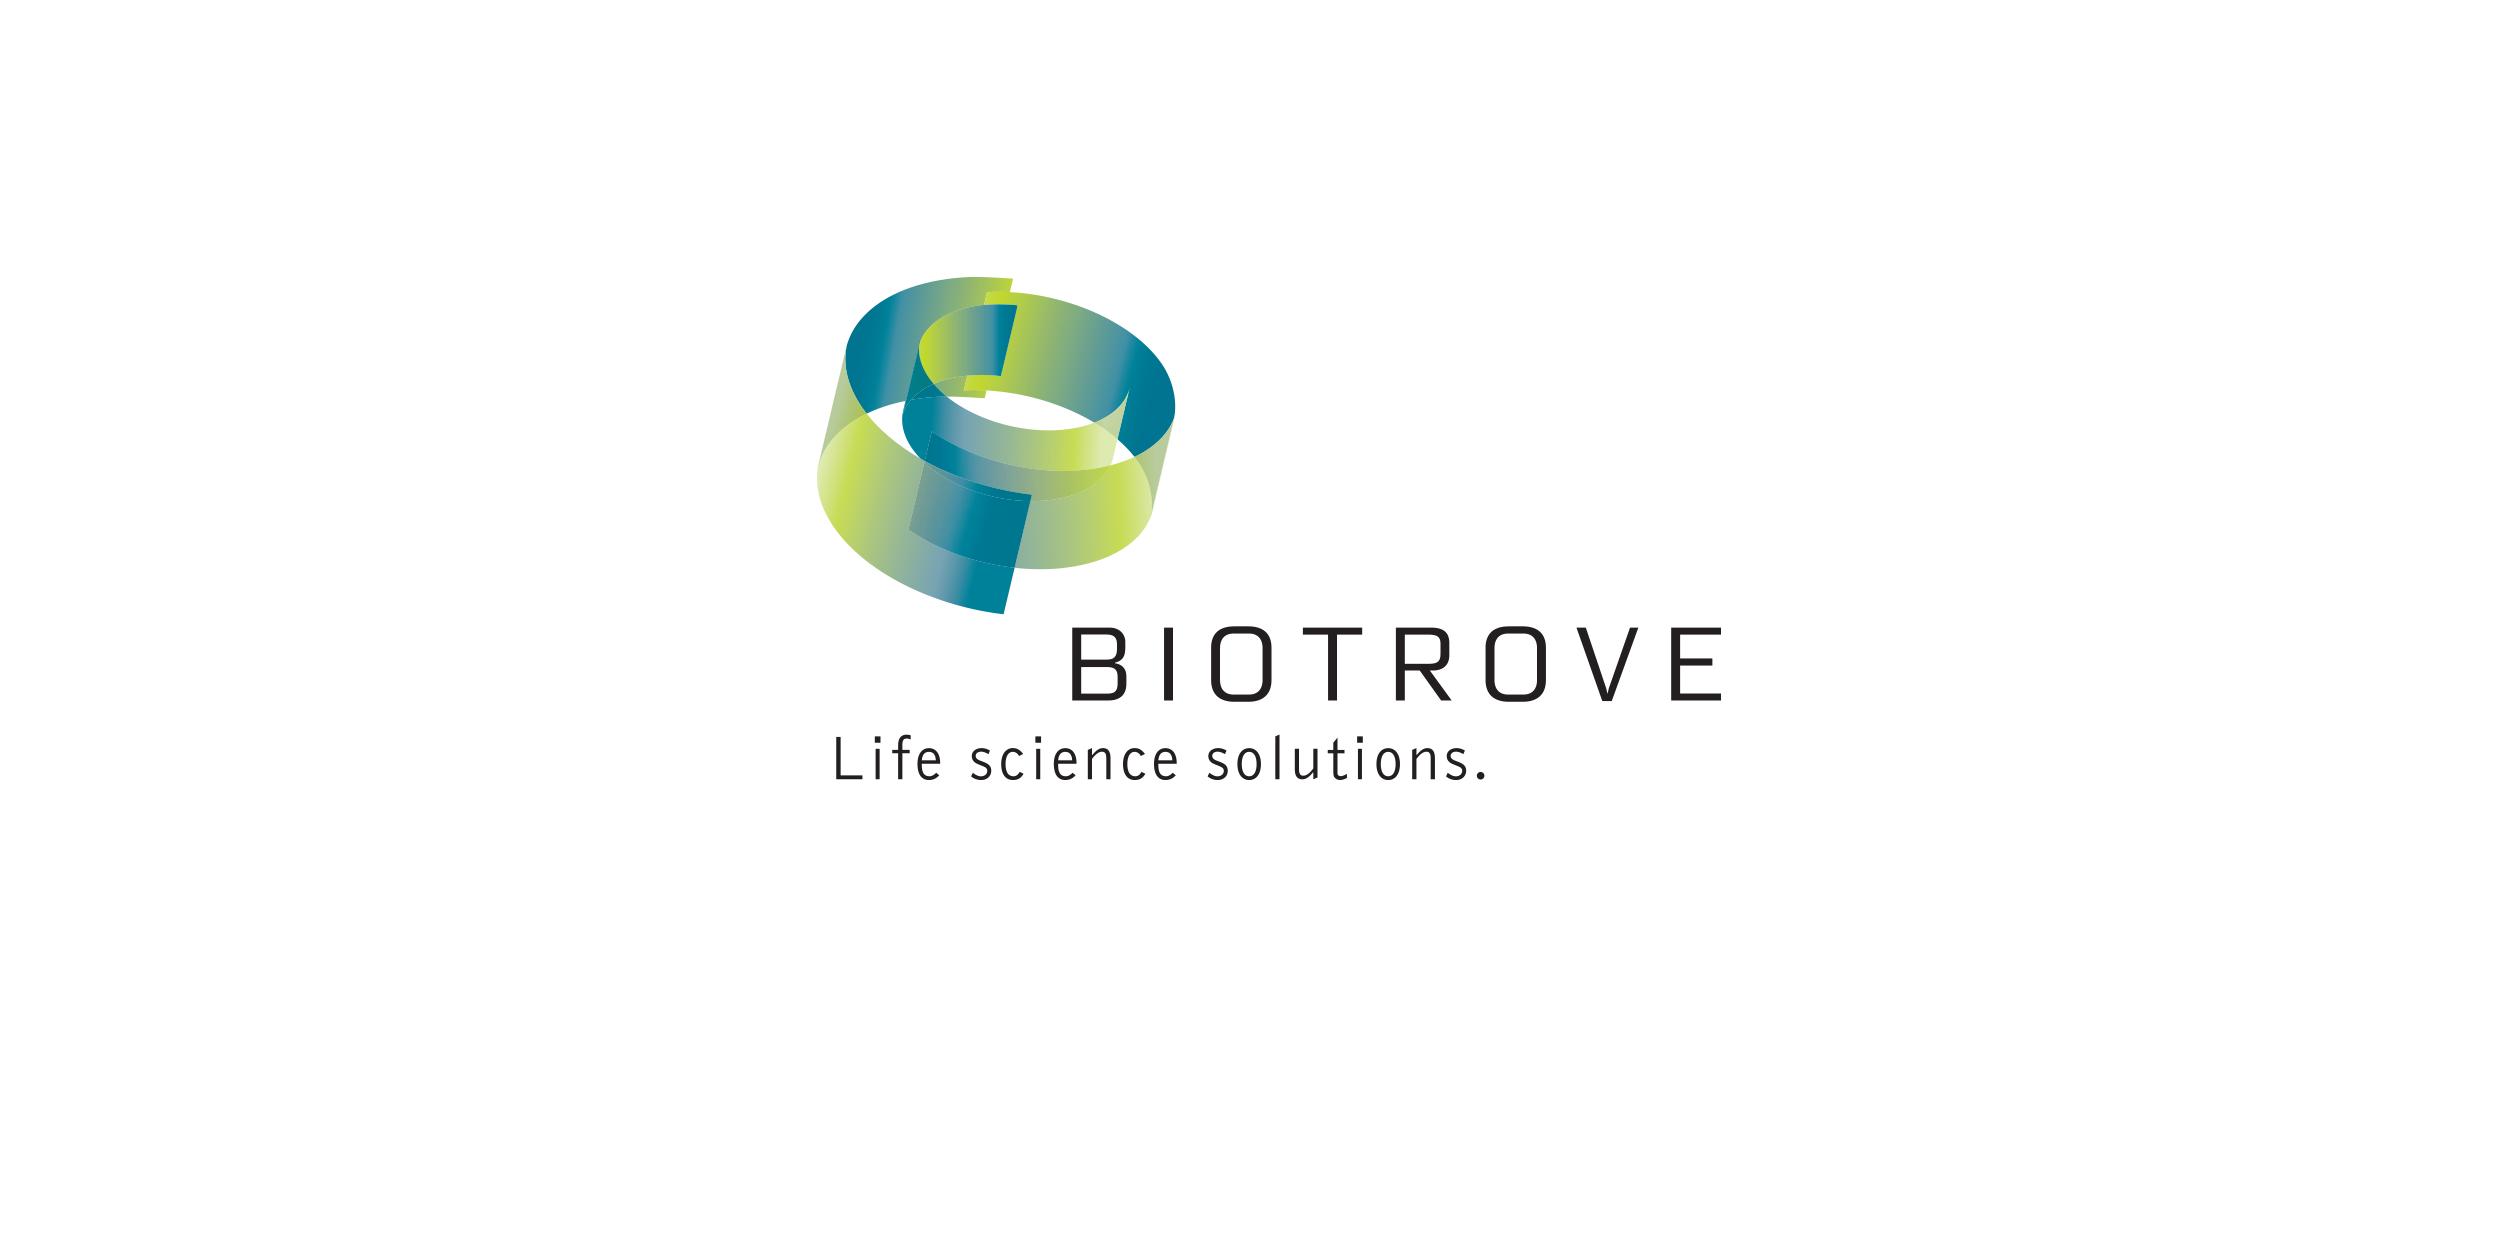 biotrove.png